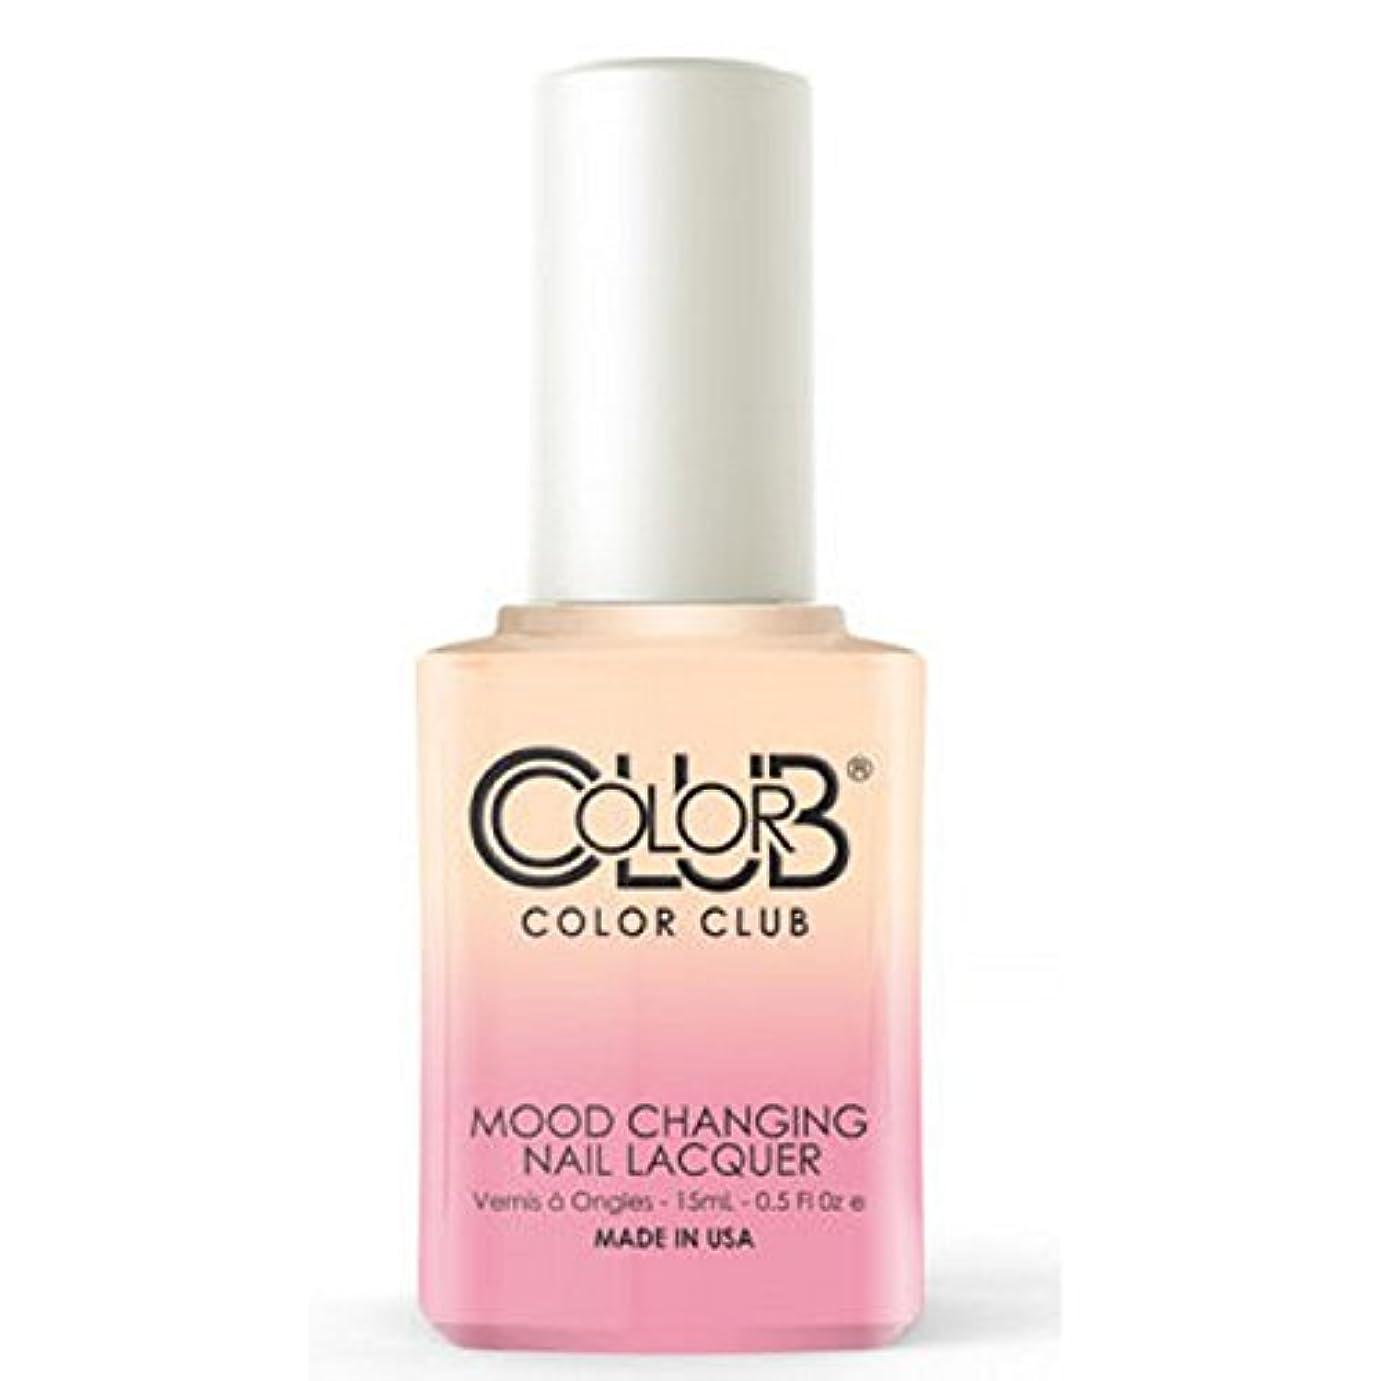 どきどき骨折残忍なColor Club Mood Changing Nail Lacquer - Old Soul - 15 mL / 0.5 fl oz